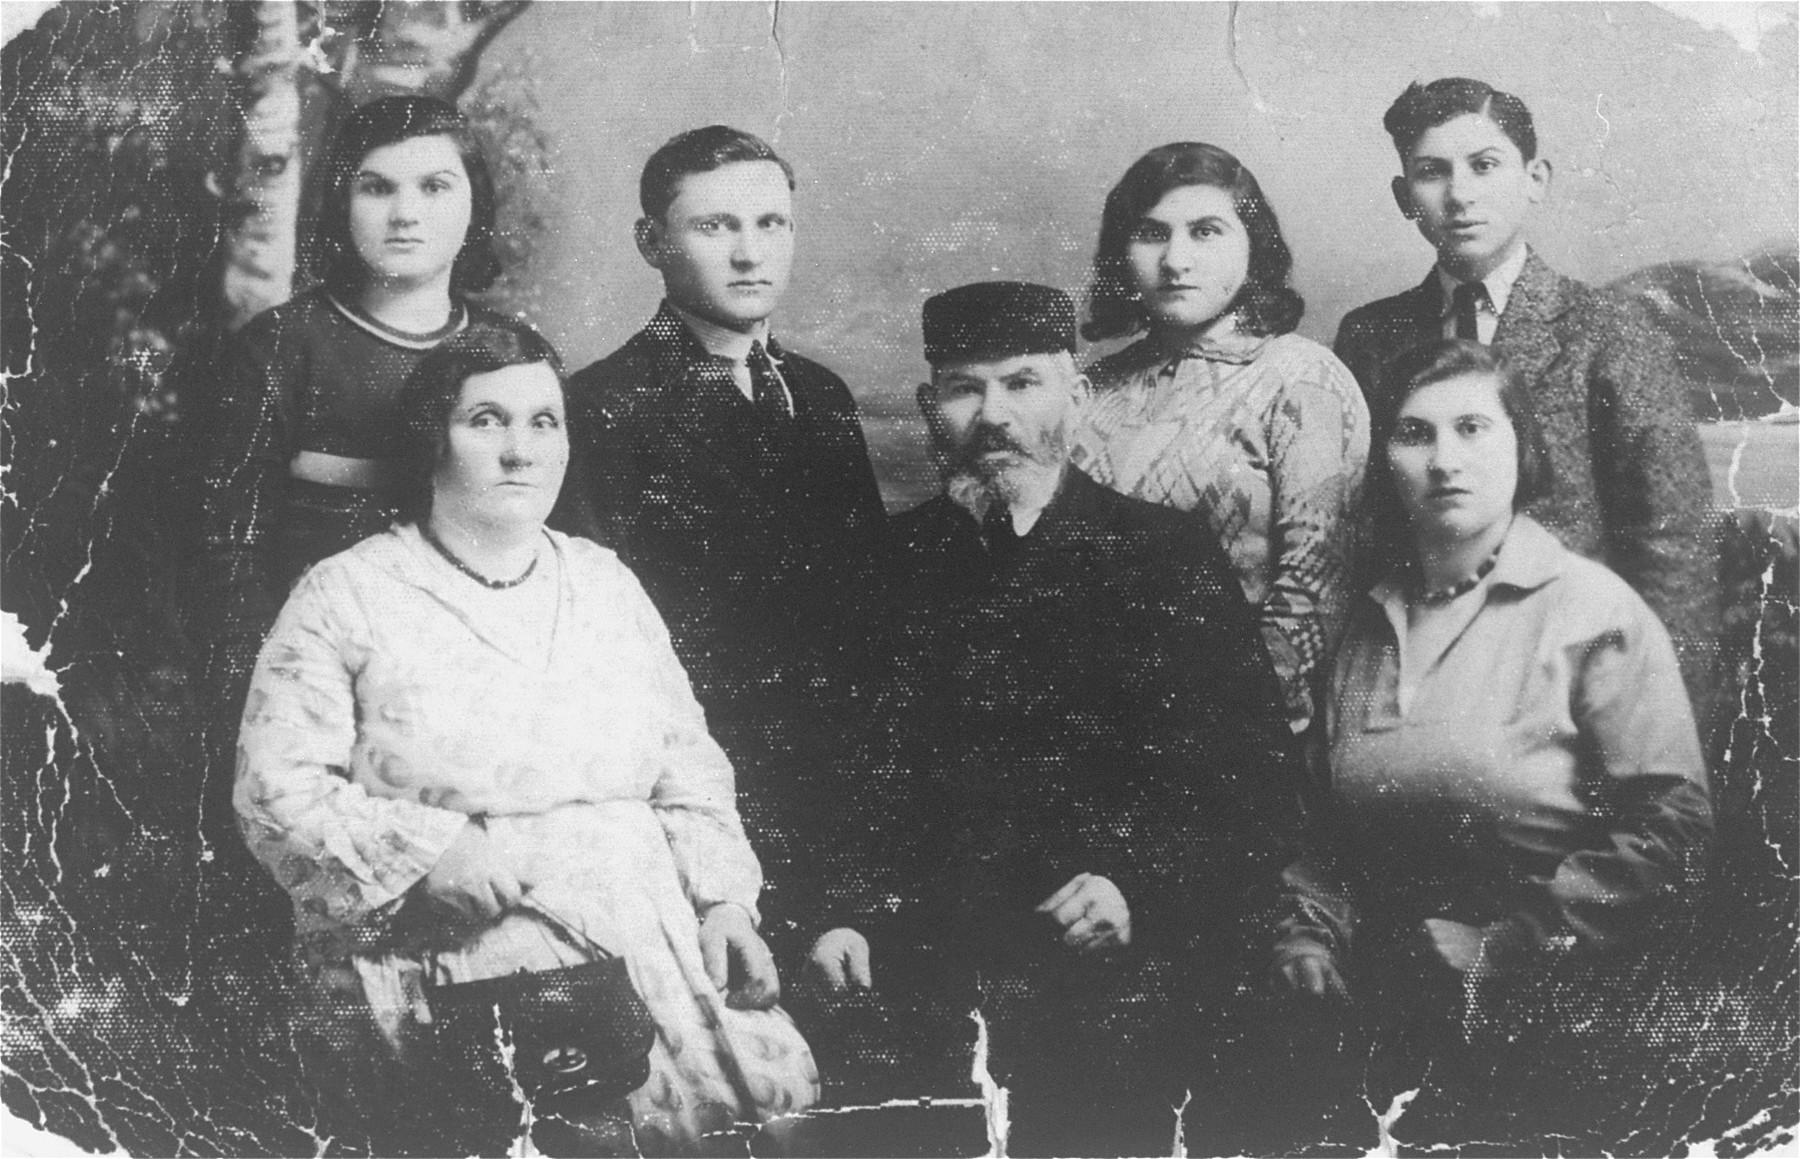 Portrait of the Jachimowicz family in Piotrkow Trybunalski.